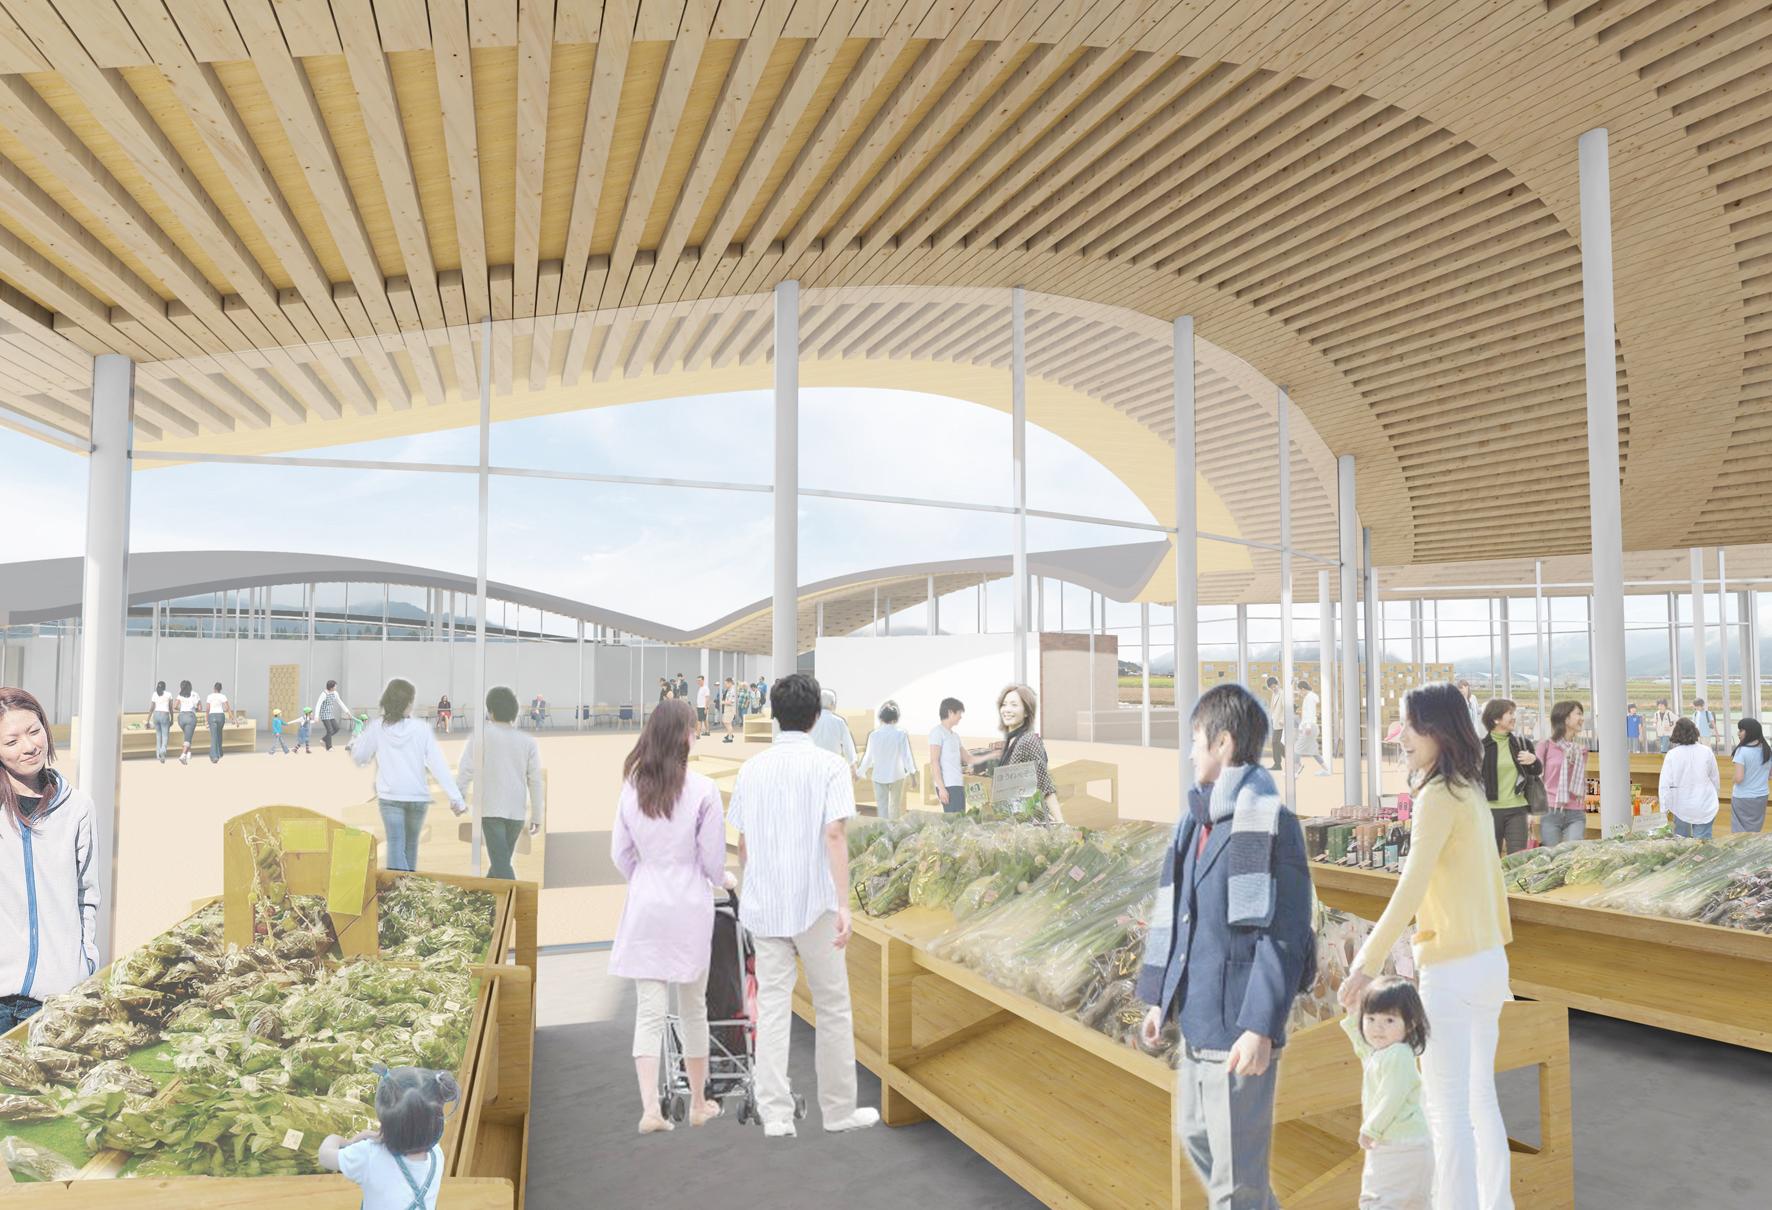 (仮称)道の駅北郷 設計デザイン技術提案コンペの結果がarchitecturephotoに掲載されています。